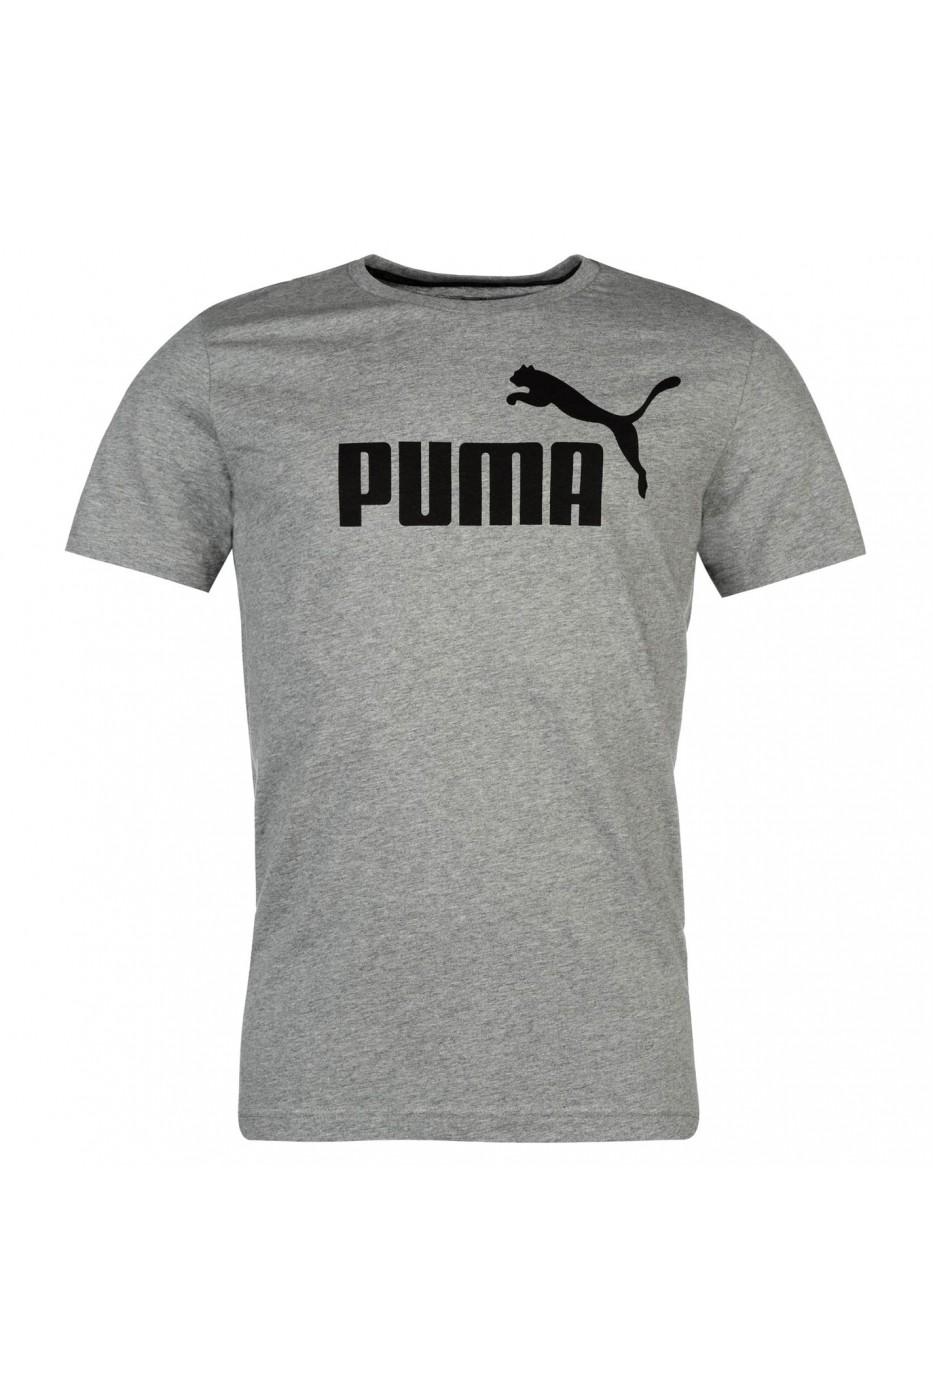 Puma Póló ARC-59701202 Szürke - FashionUP! 1e8c3e4f79